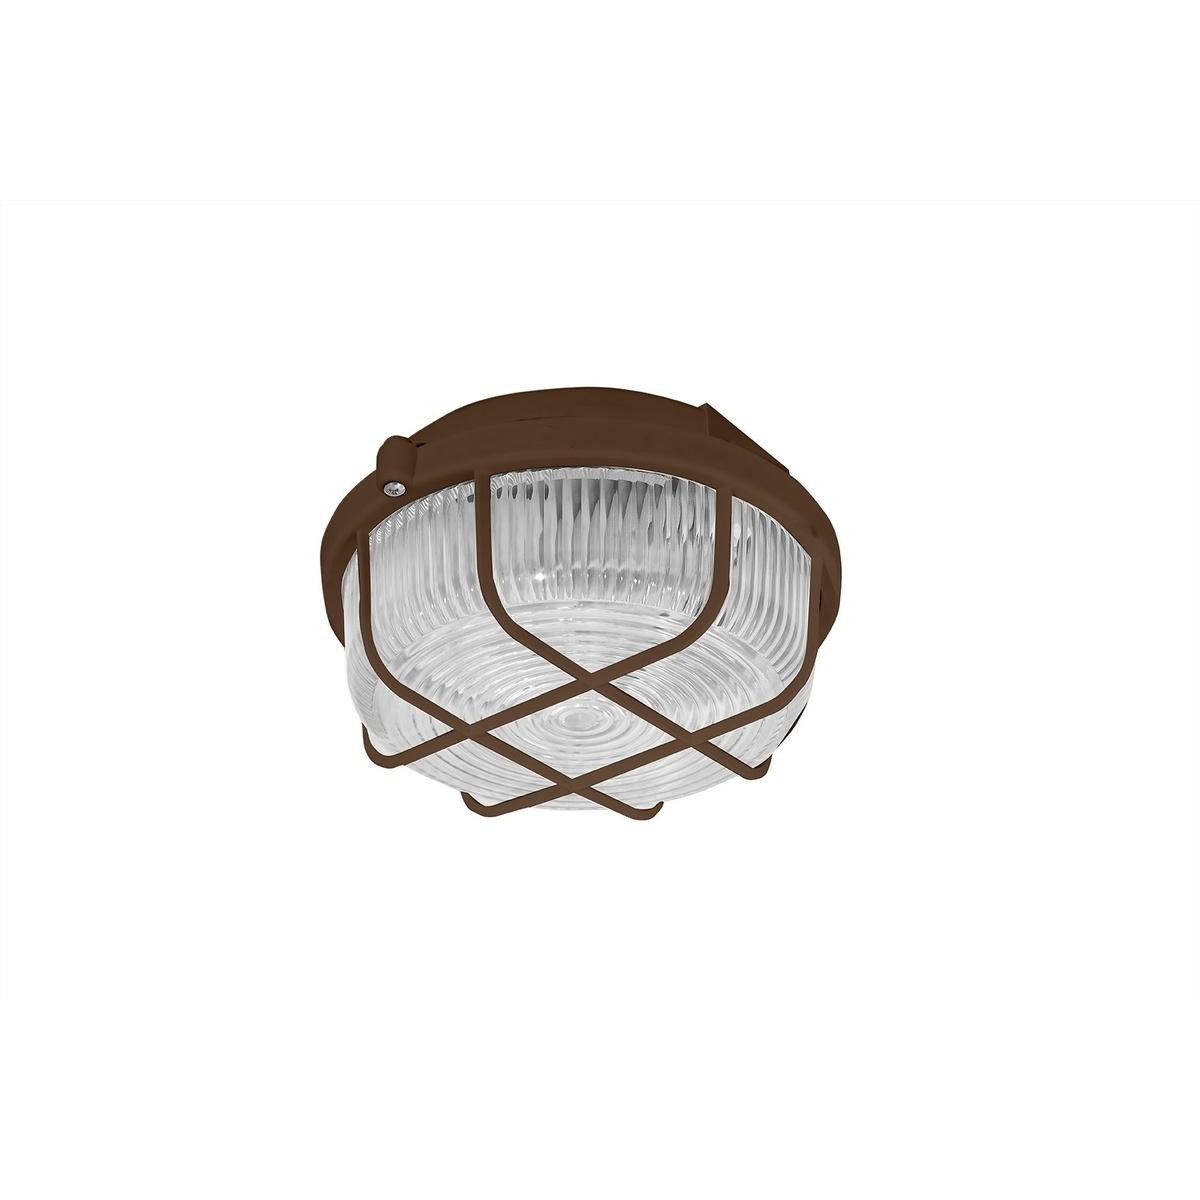 Kruh stropné a nástenné kruhové svetlo 100W, hnedá, PANLUX